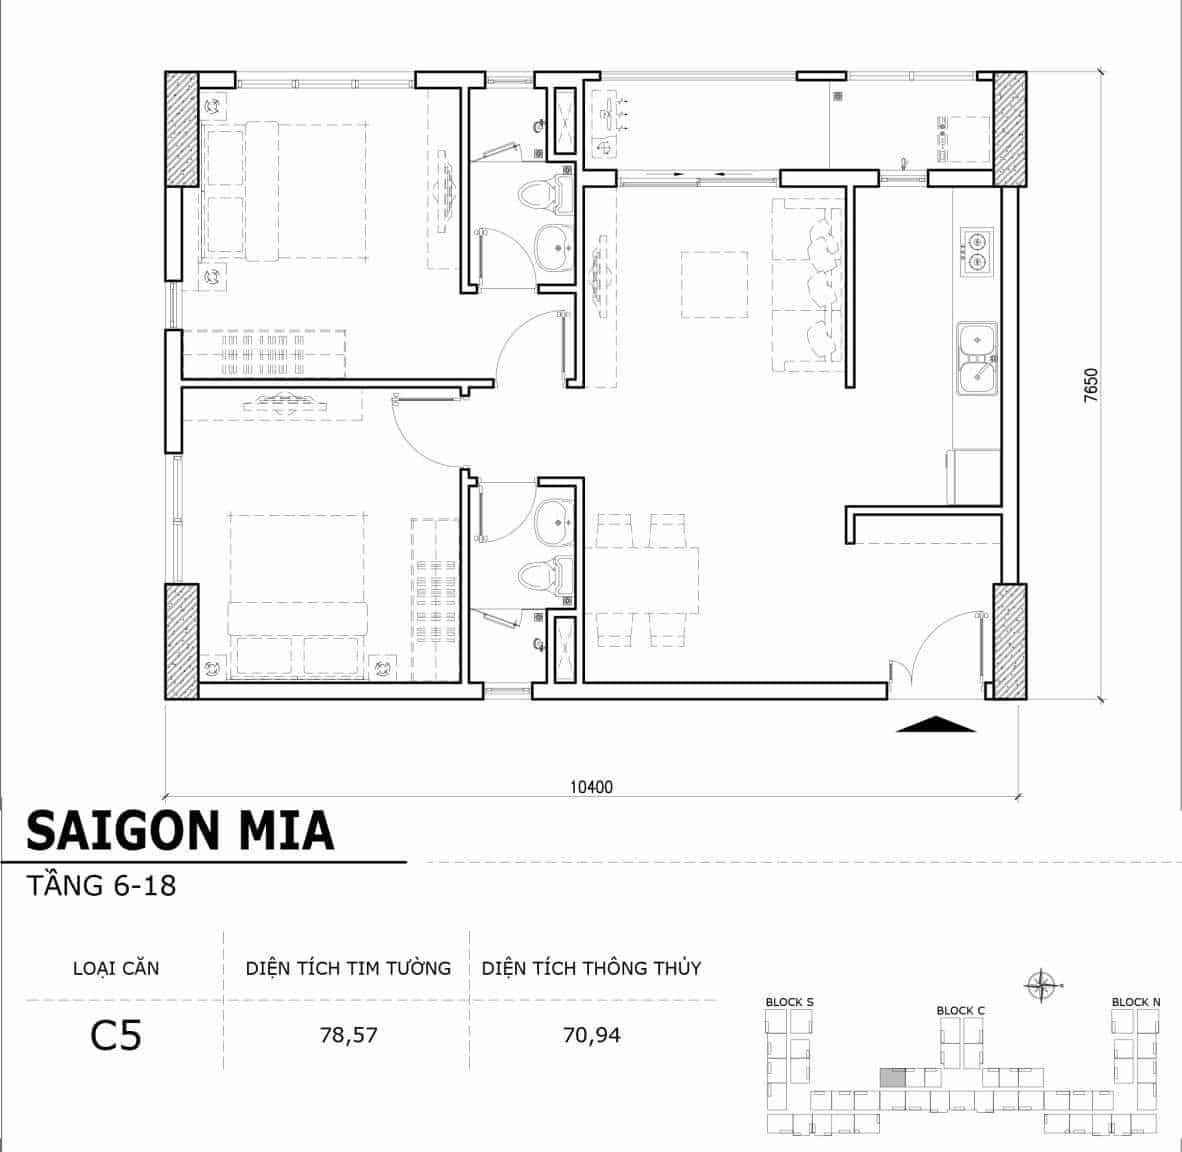 Chi tiết thiết kế căn hộ điển hình tầng 6-18 dự án Sài Gòn Mia - Căn C5